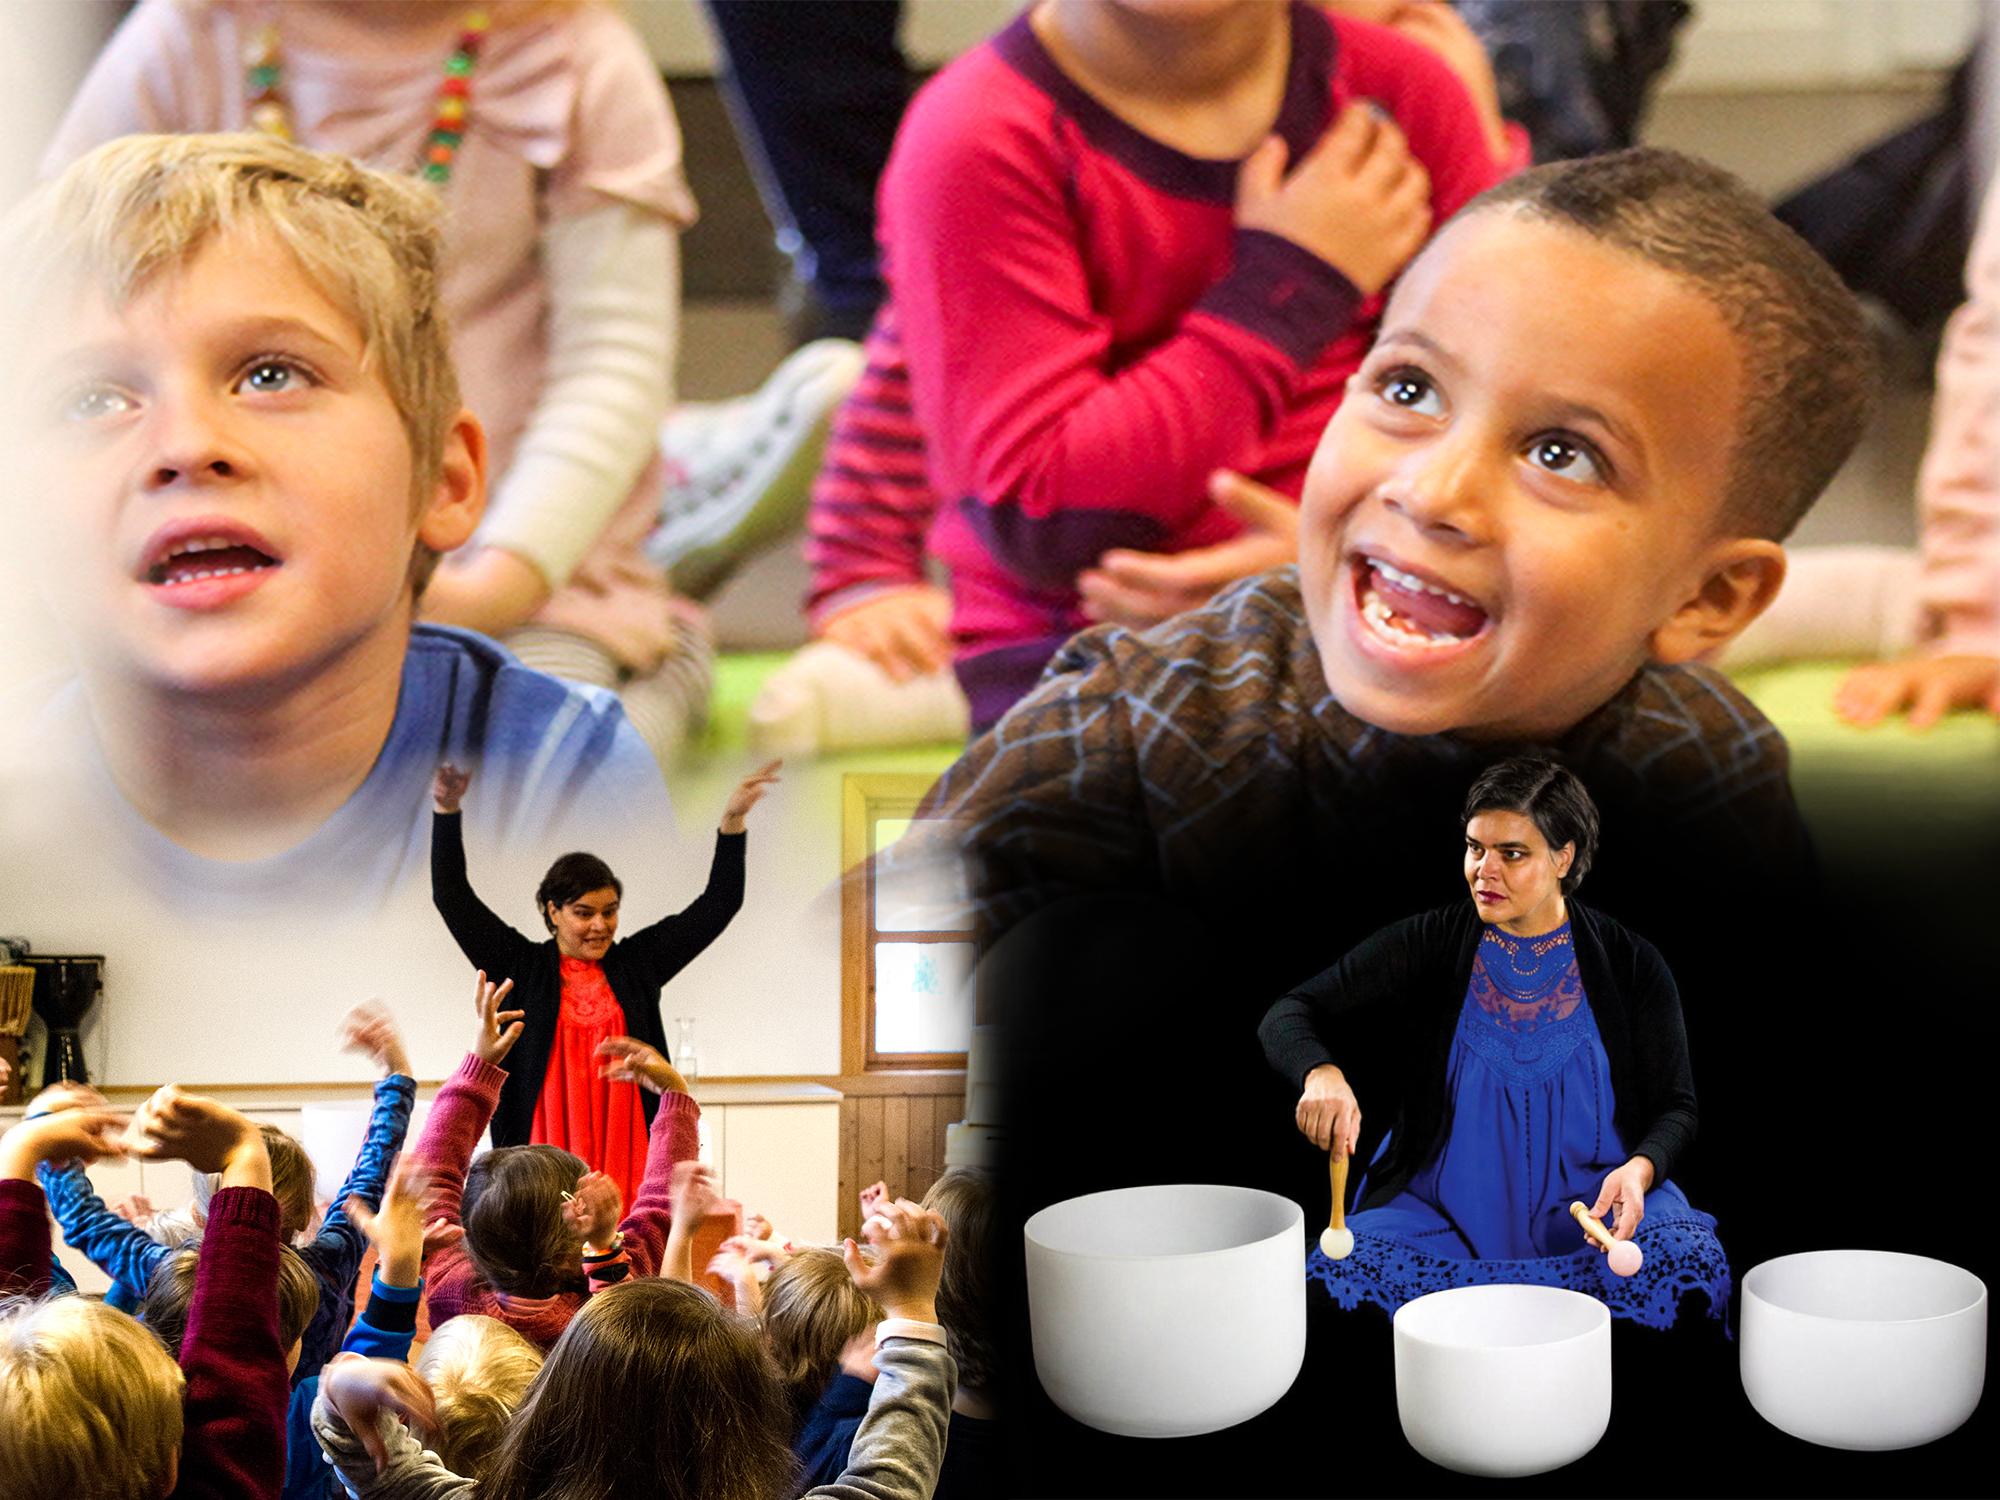 Sonia Loinsworth har gitt 500 konserter for barn i Norge de siste tre årene. Foto: Hielke Gerittse, B. Fredheim